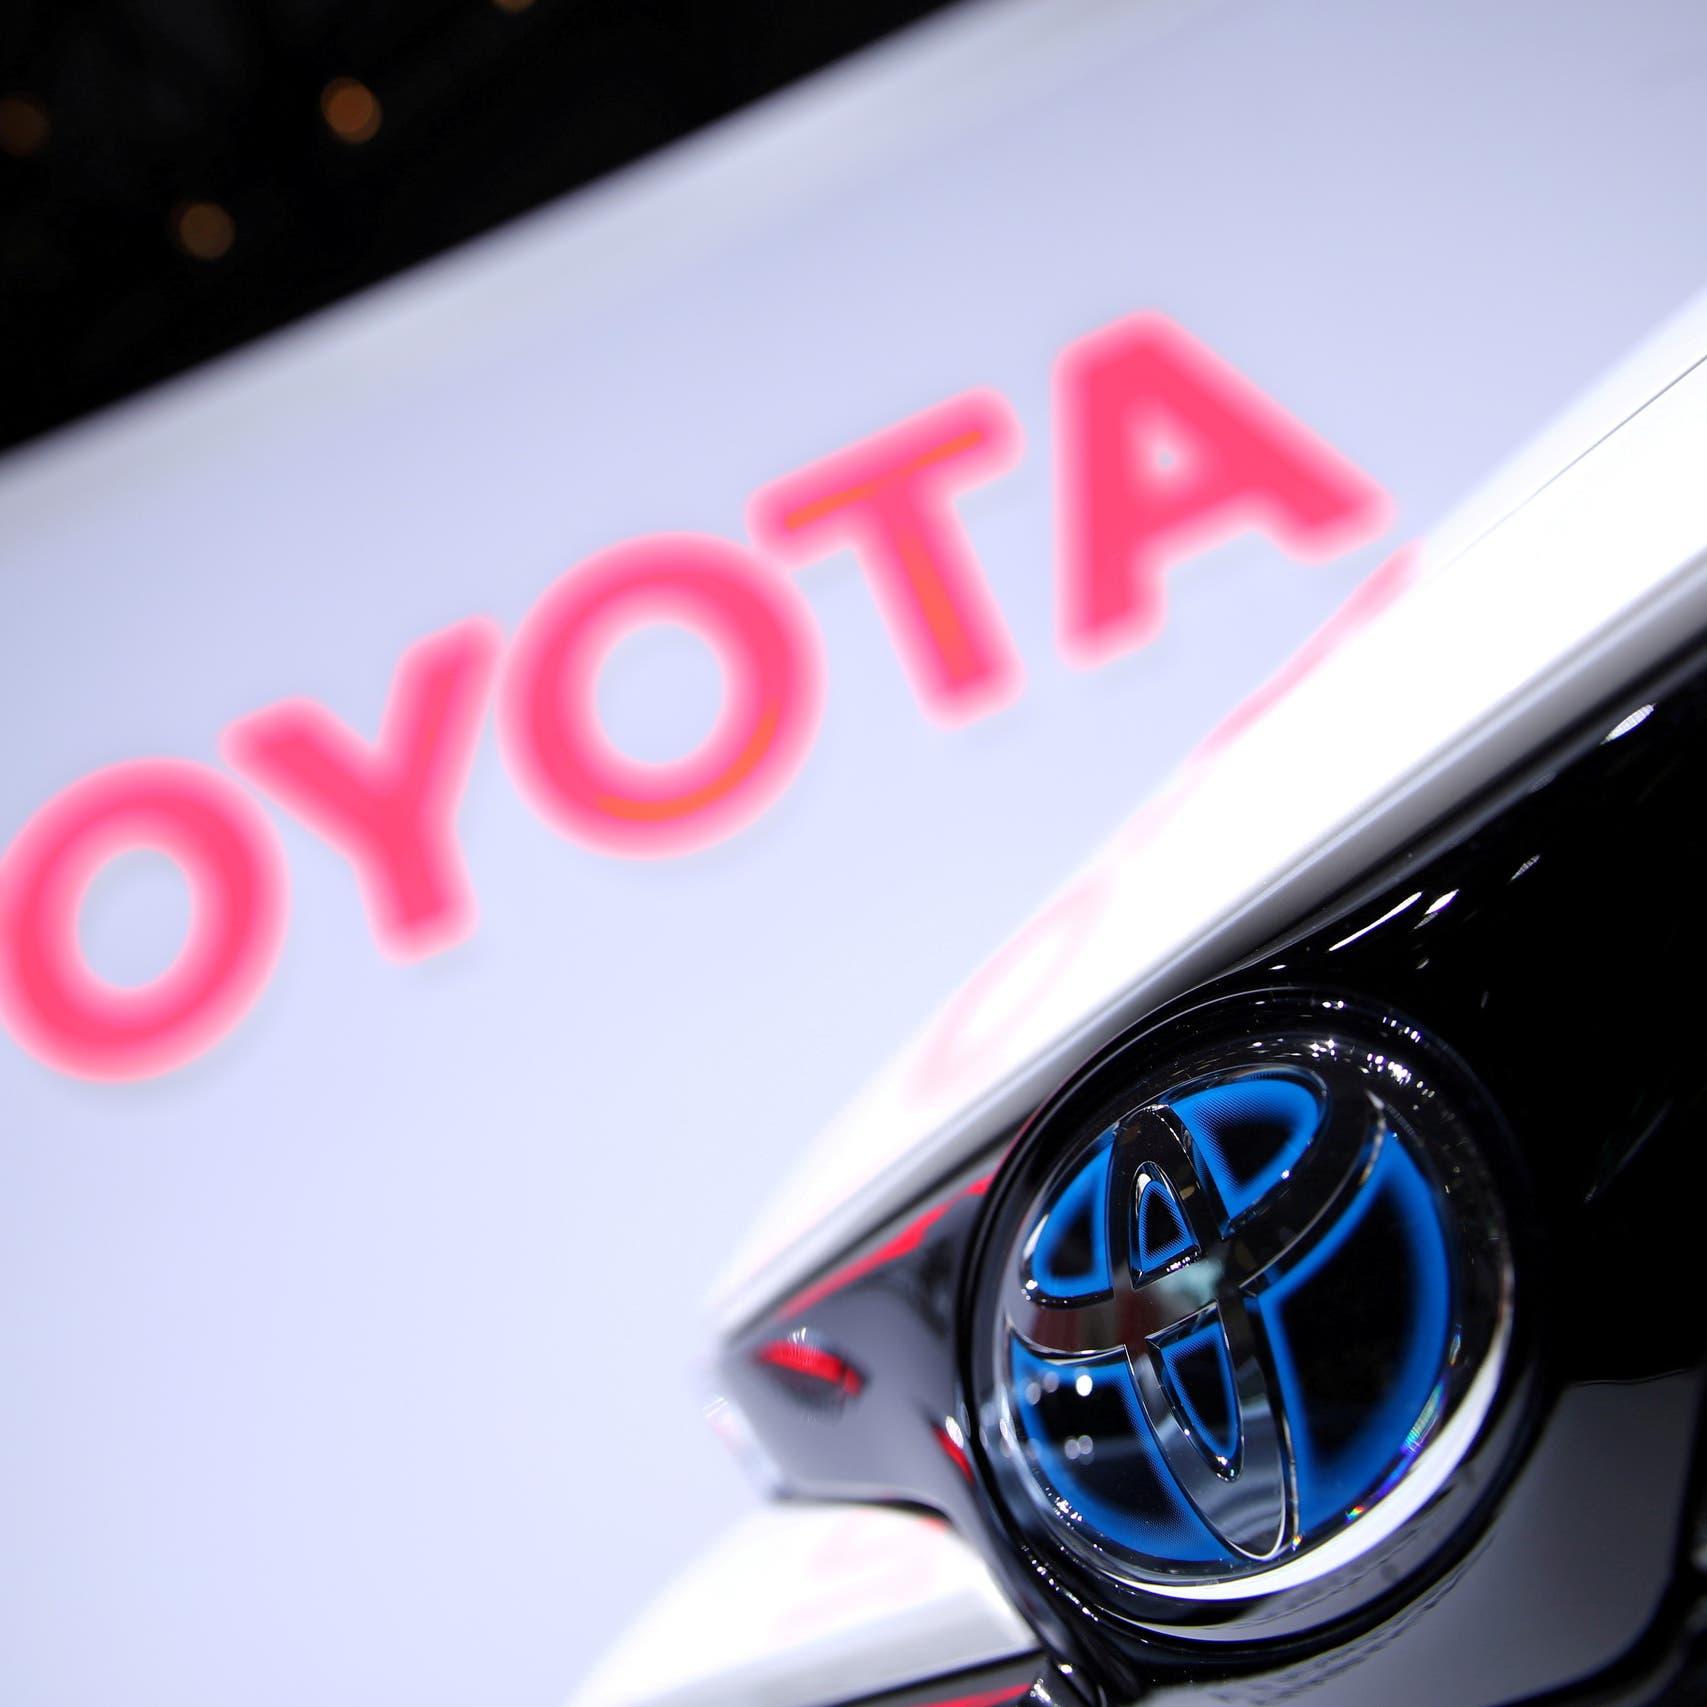 شركة تويوتا تخفض إنتاجها 40% في سبتمبر بسبب نقص الرقائق